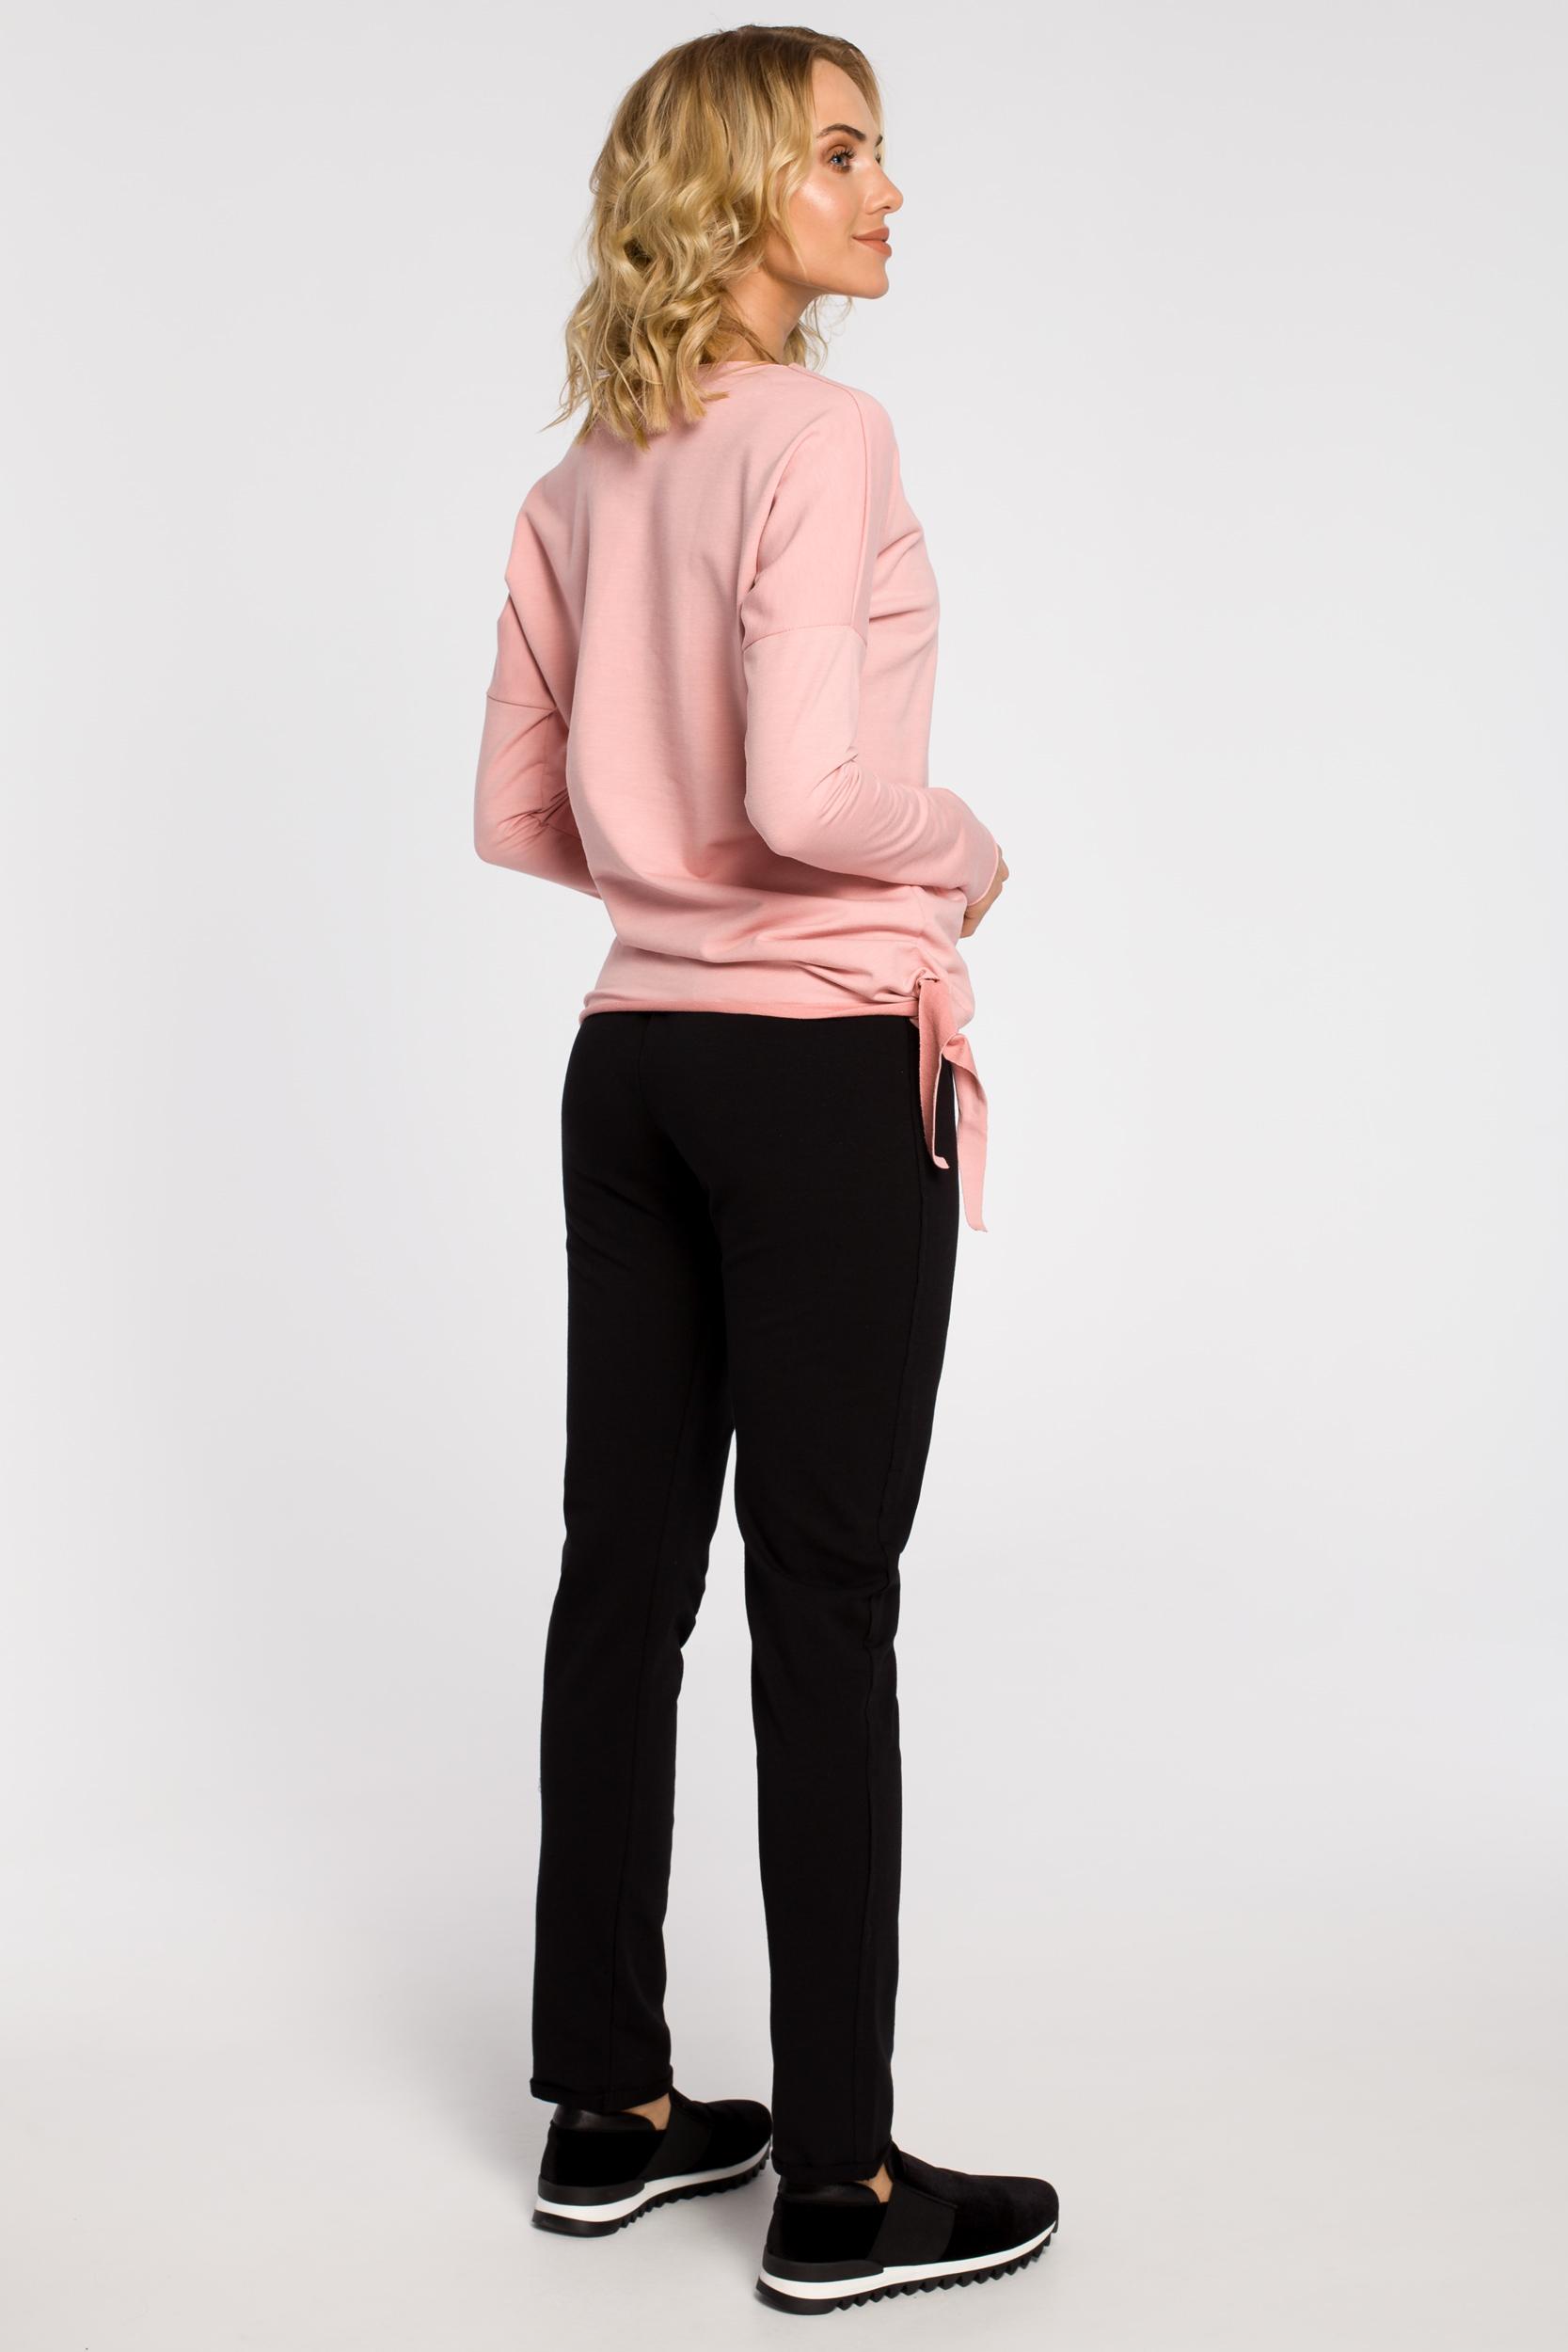 CM0340 Bluza damska dresowa z ozdobny sercem - różowa